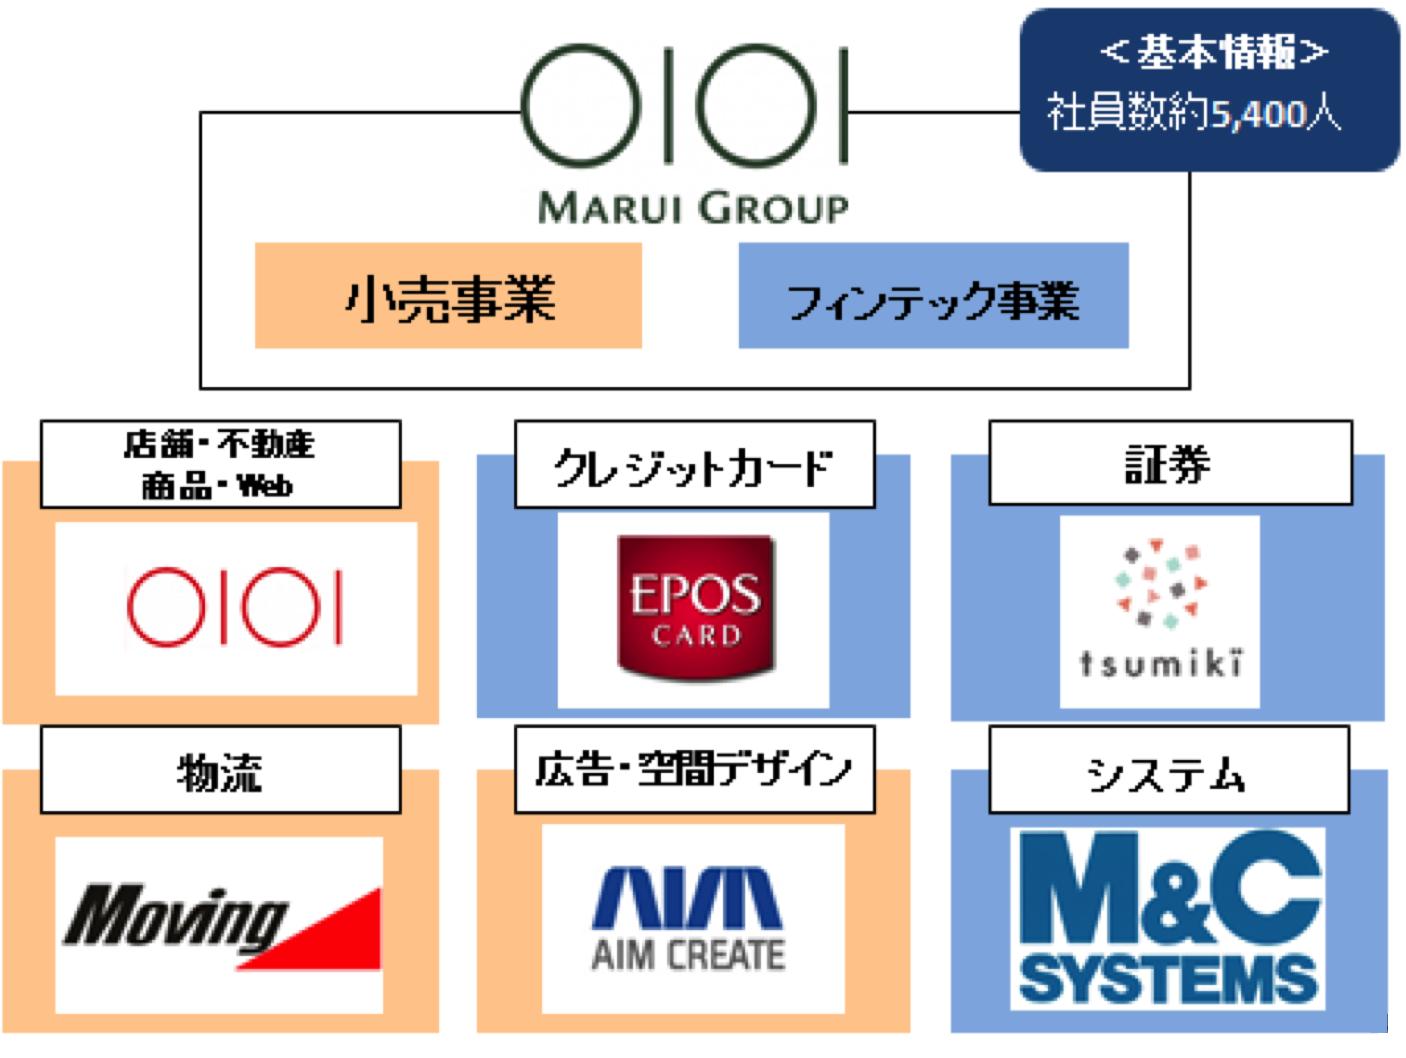 丸井グループ事業内容